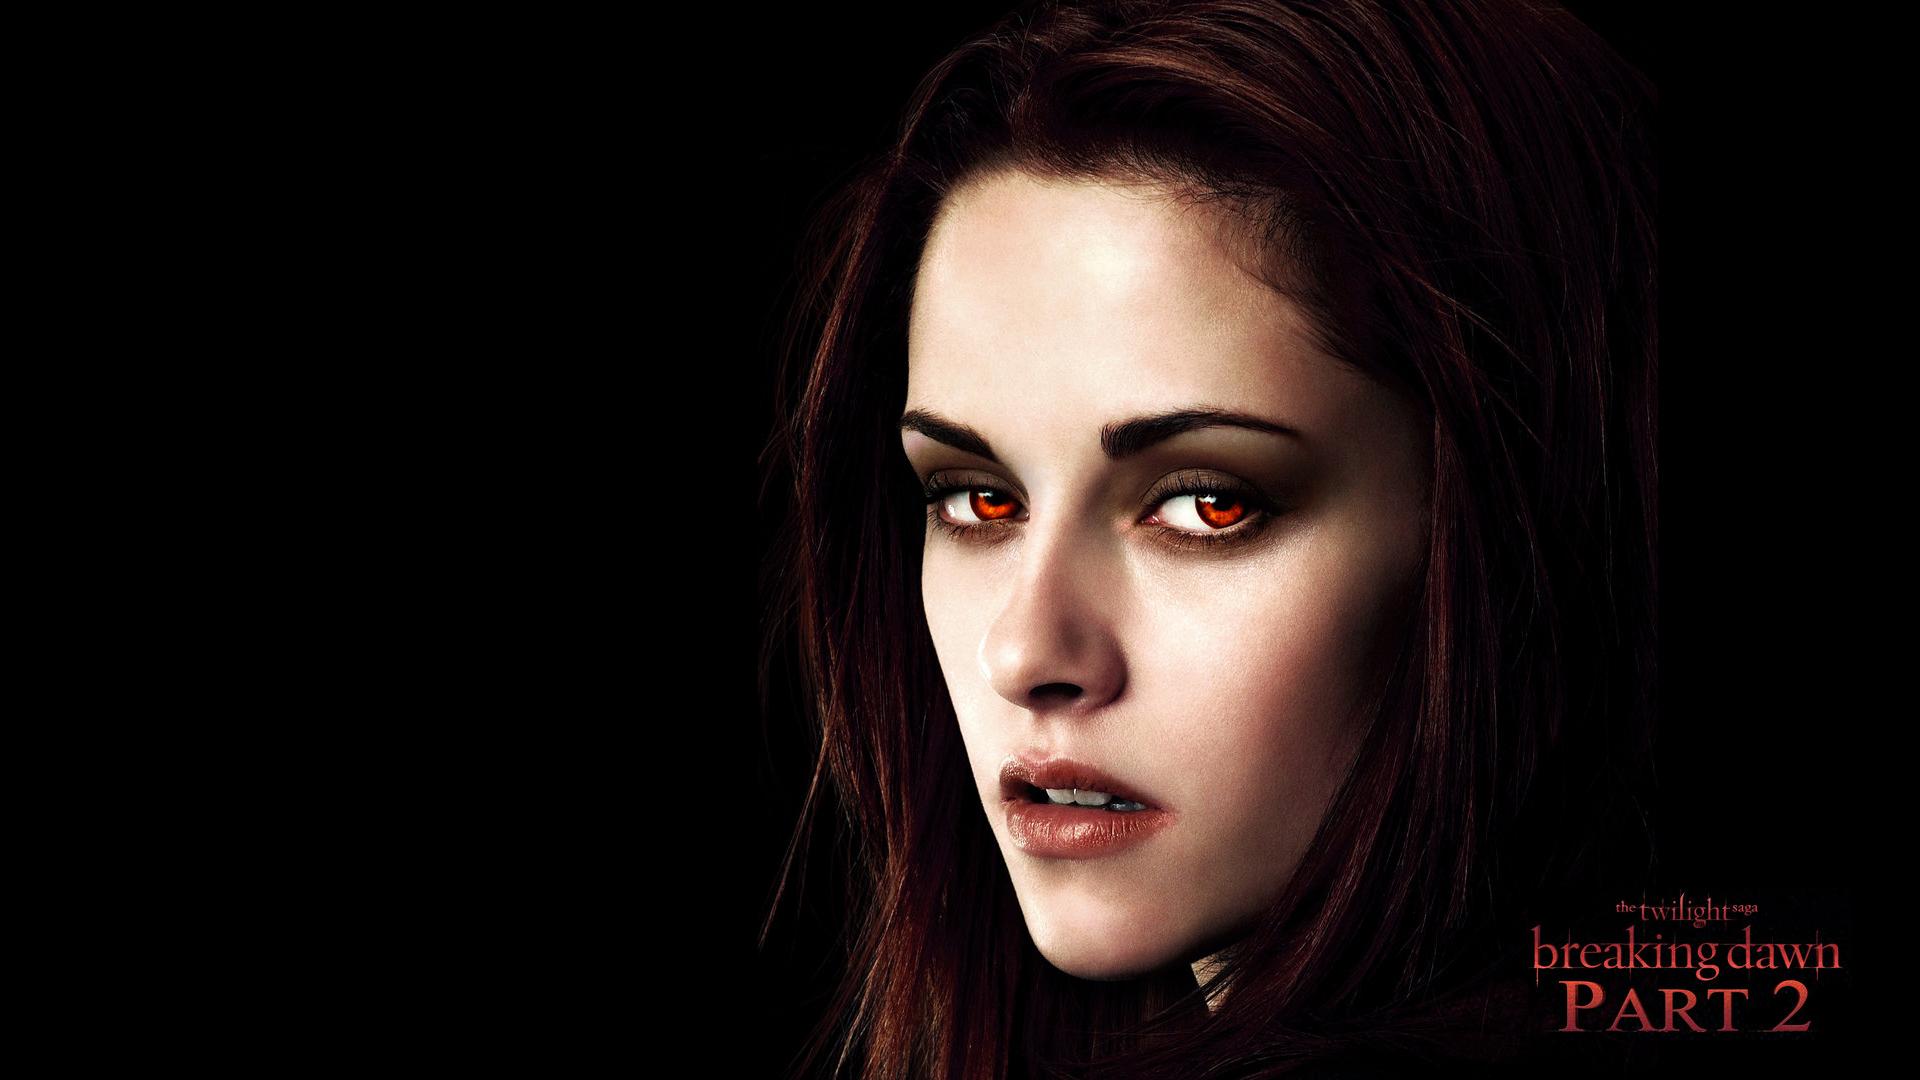 сцена где беллу зовет вампирша нас